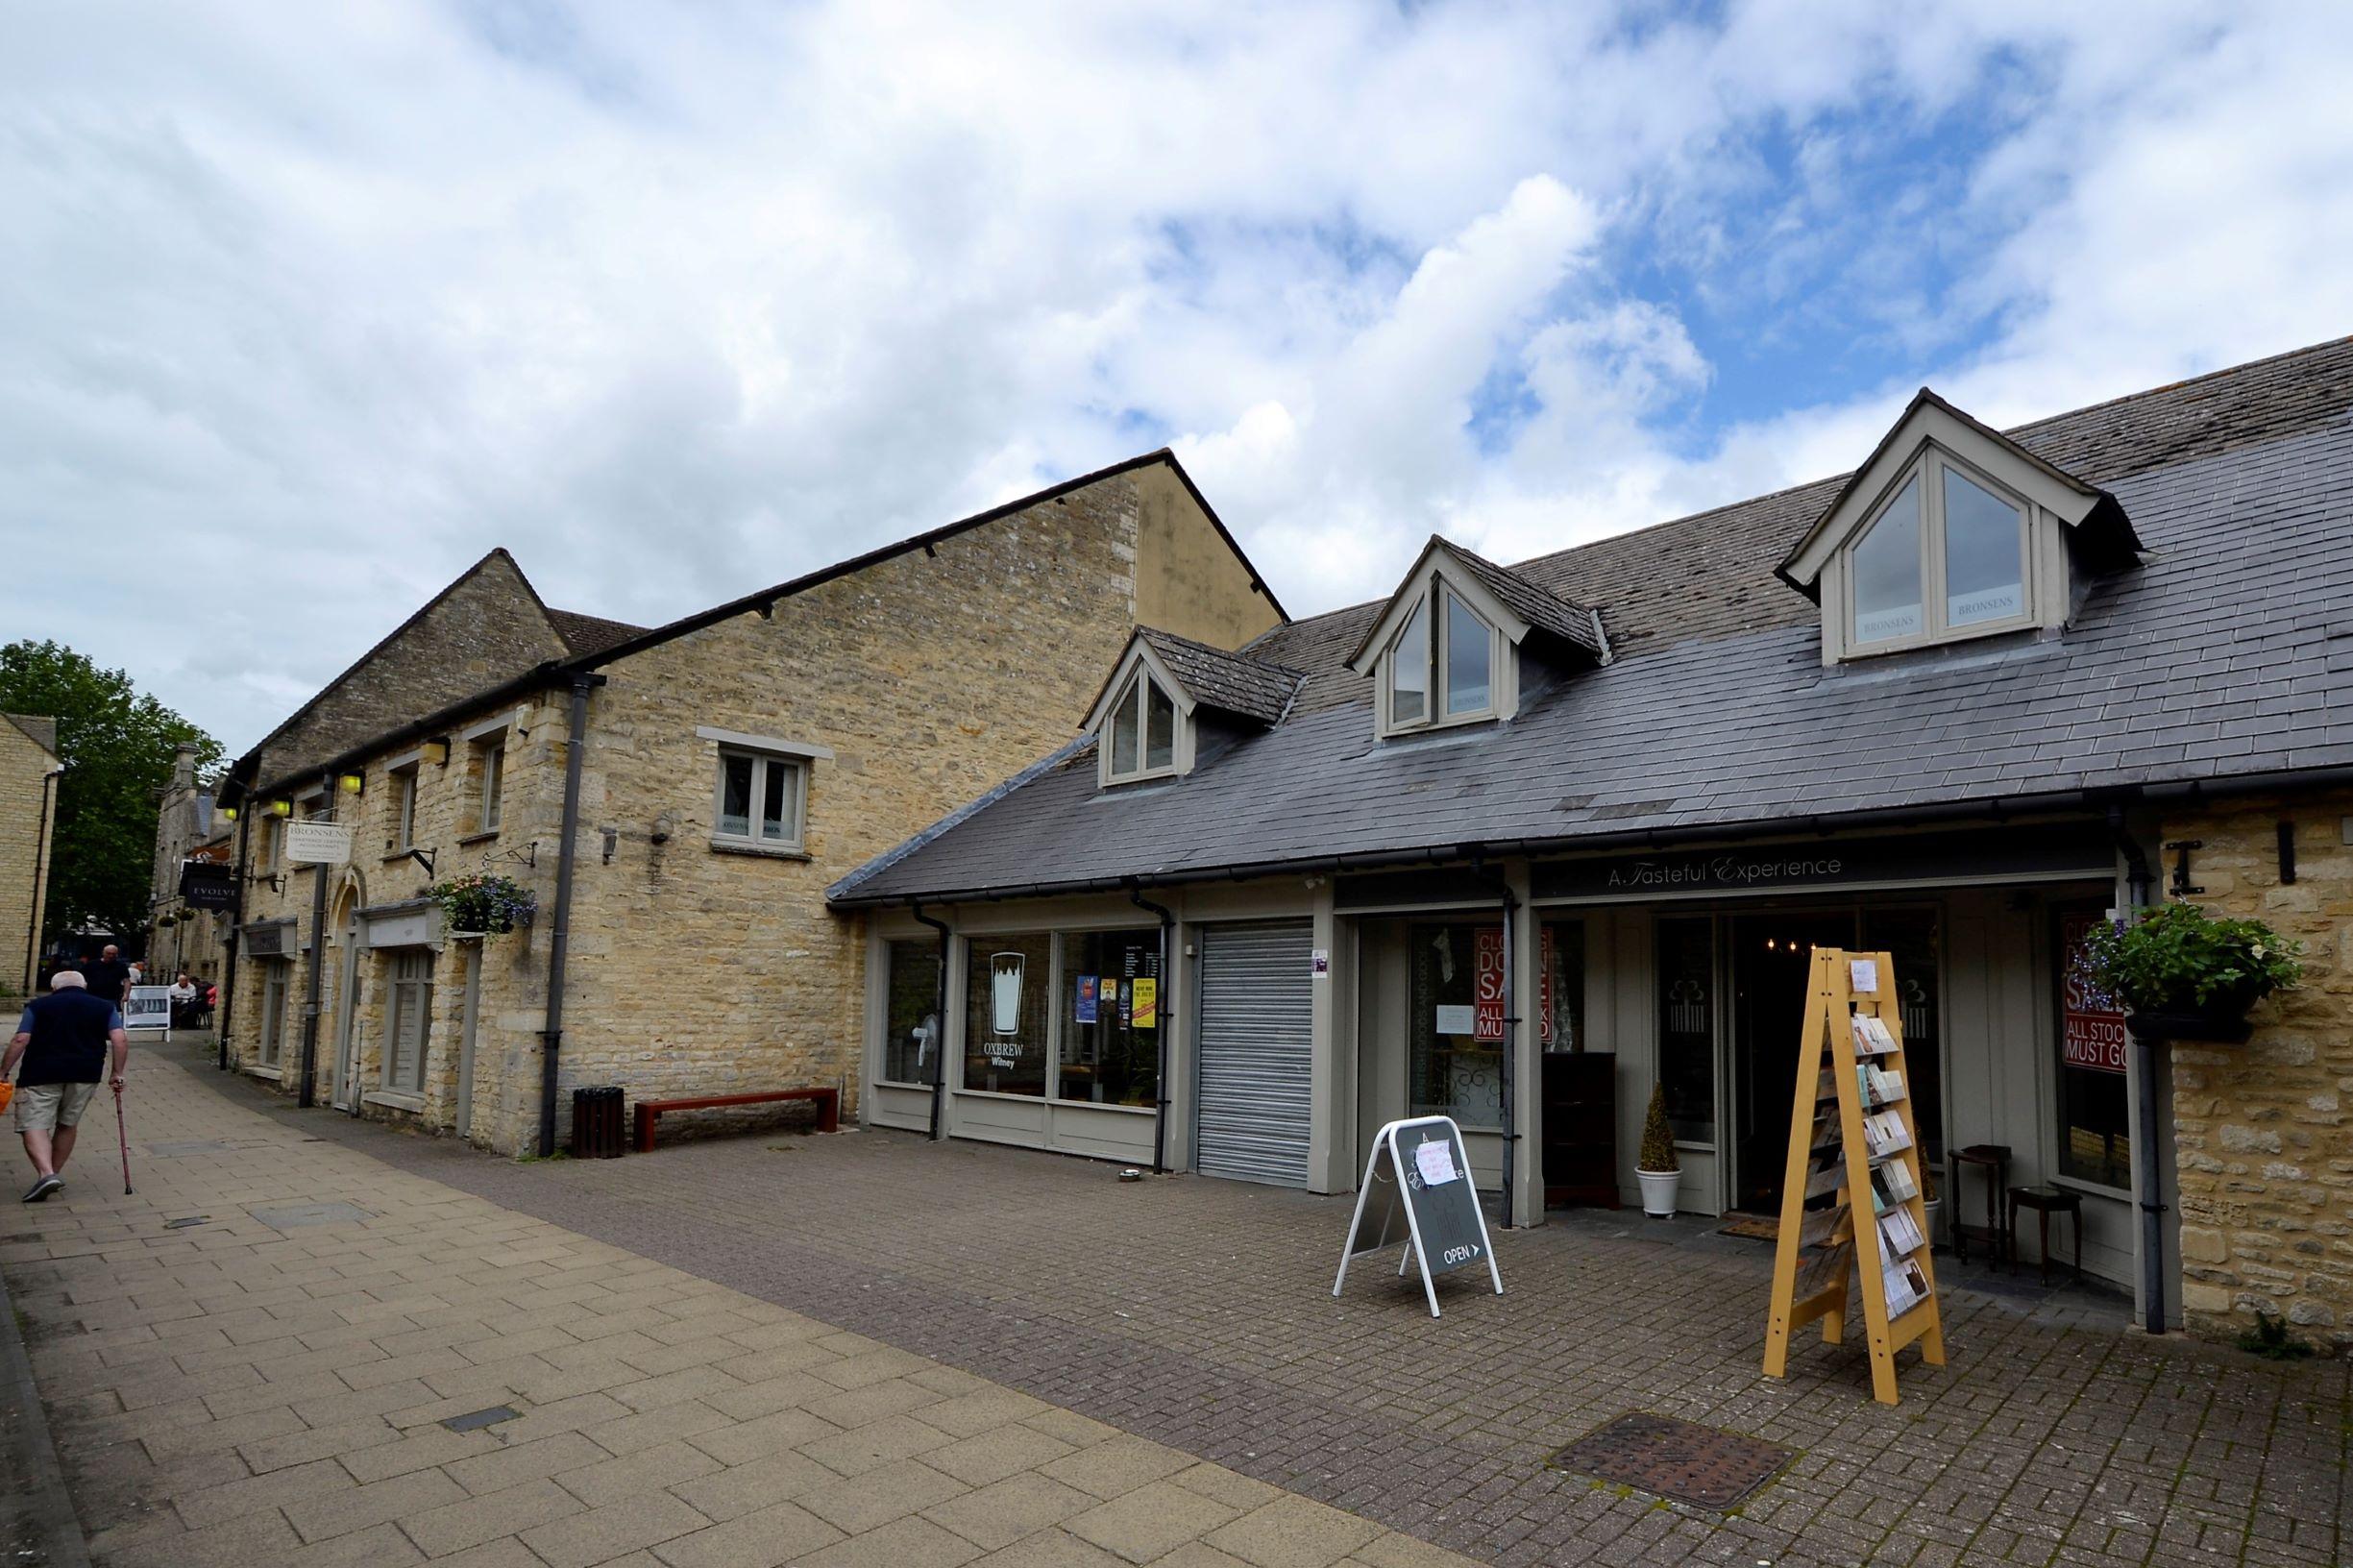 Witney, Oxfordshire, OX28 6FG